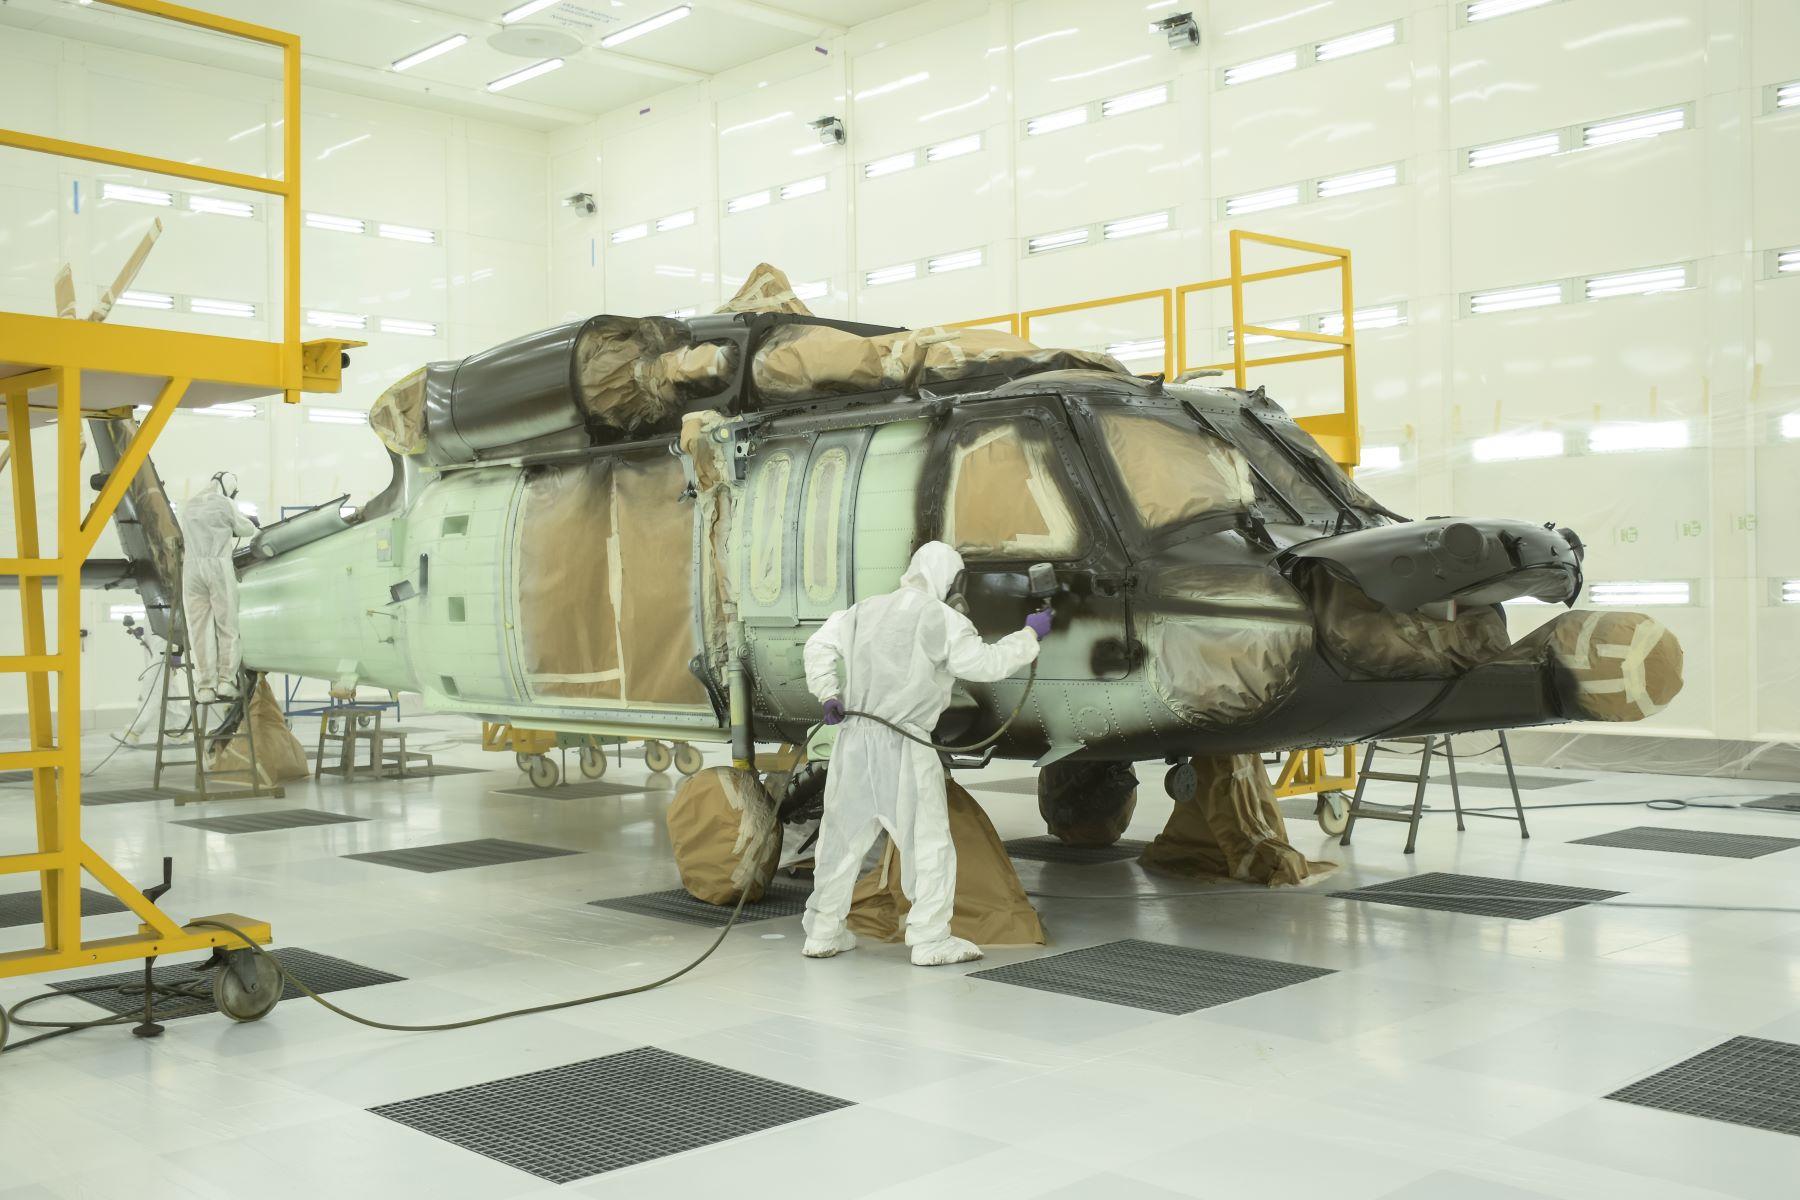 W PZL Mielec ruszyła nowoczesna lakiernia samolotów i śmigłowców - Zdjęcie główne